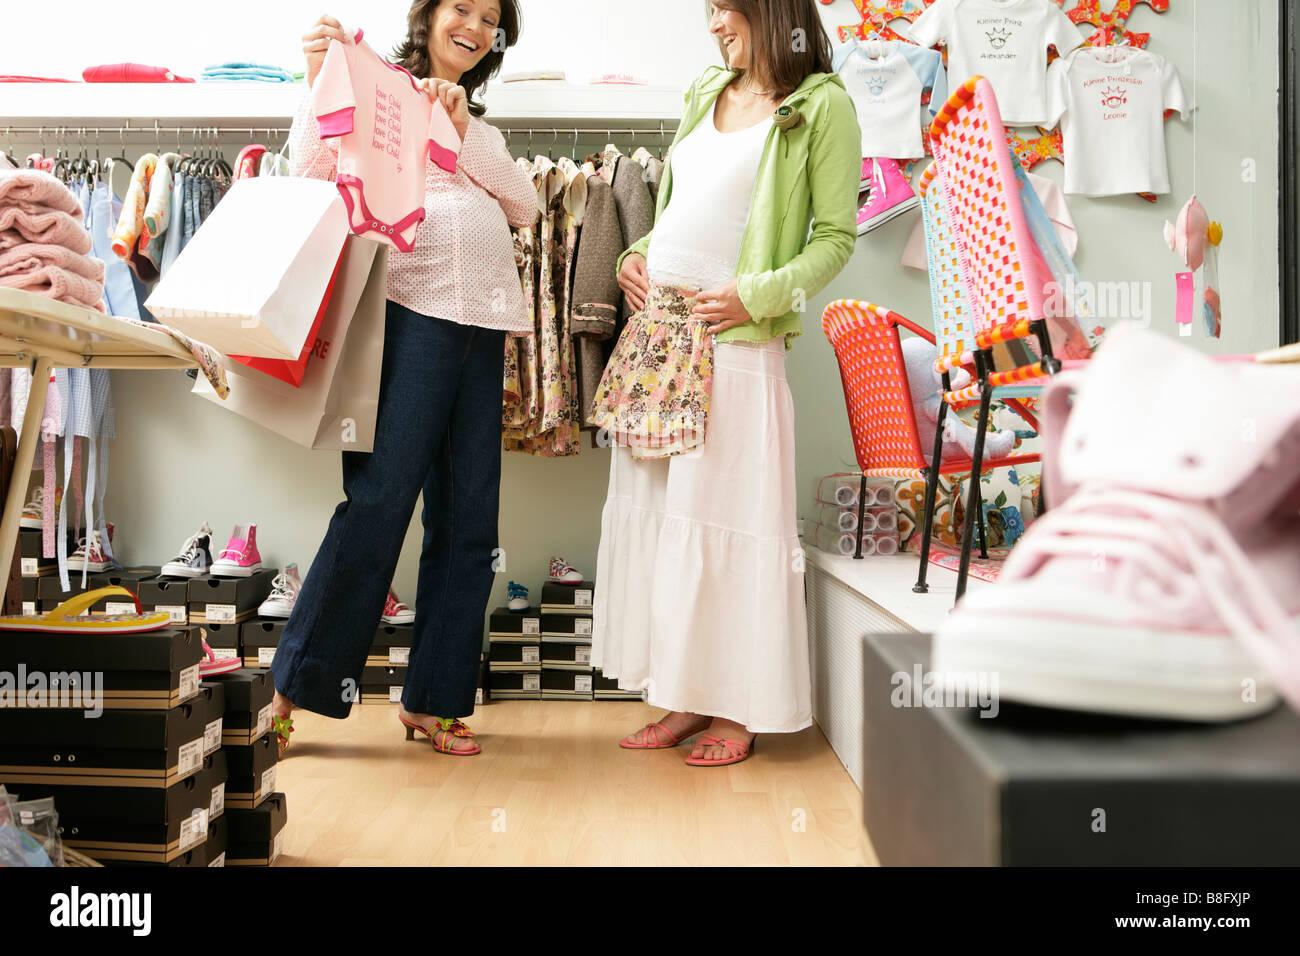 ae7e9ca2d6 Zwei schwangere Frauen einkaufen, Blick auf Babyausstattung, lachen  Stockbild